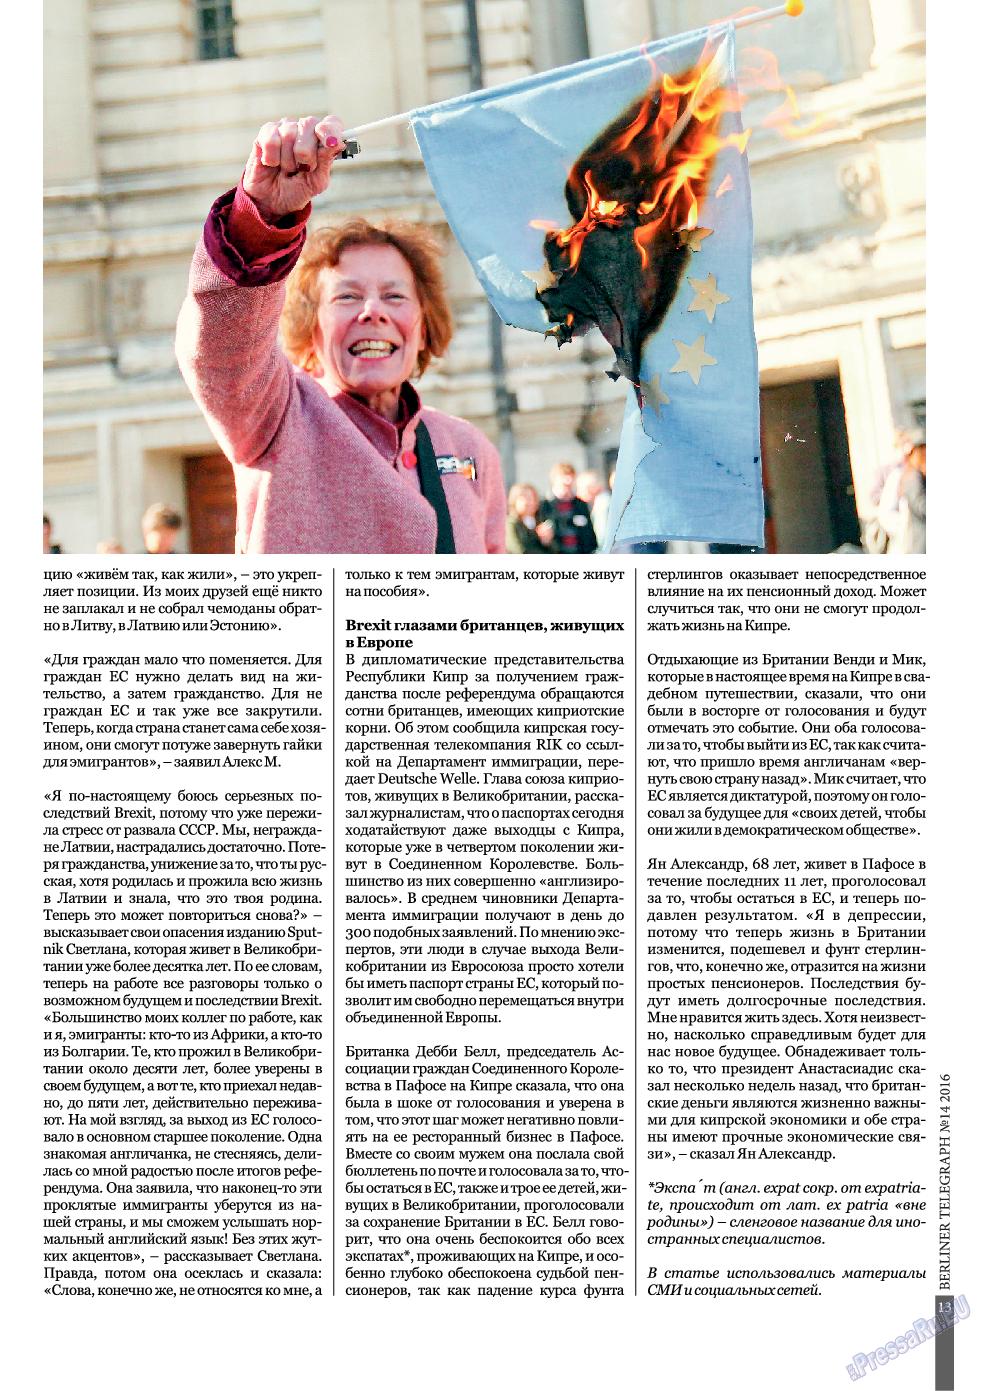 Берлинский телеграф (журнал). 2016 год, номер 14, стр. 13